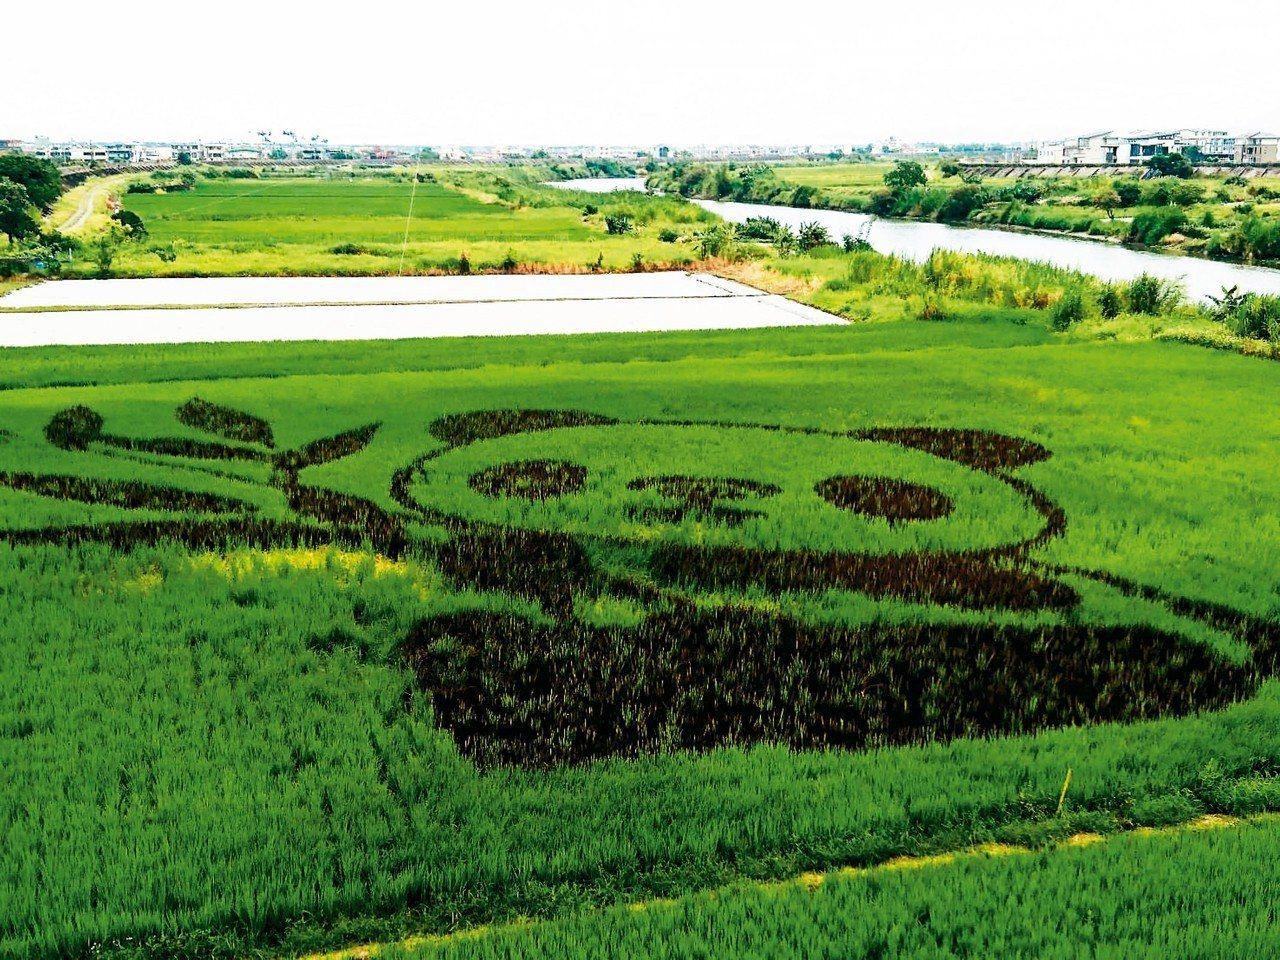 宜蘭縣壯圍鄉公所推出彩繪稻田,稻田裡長出貓熊。 記者羅建旺/攝影